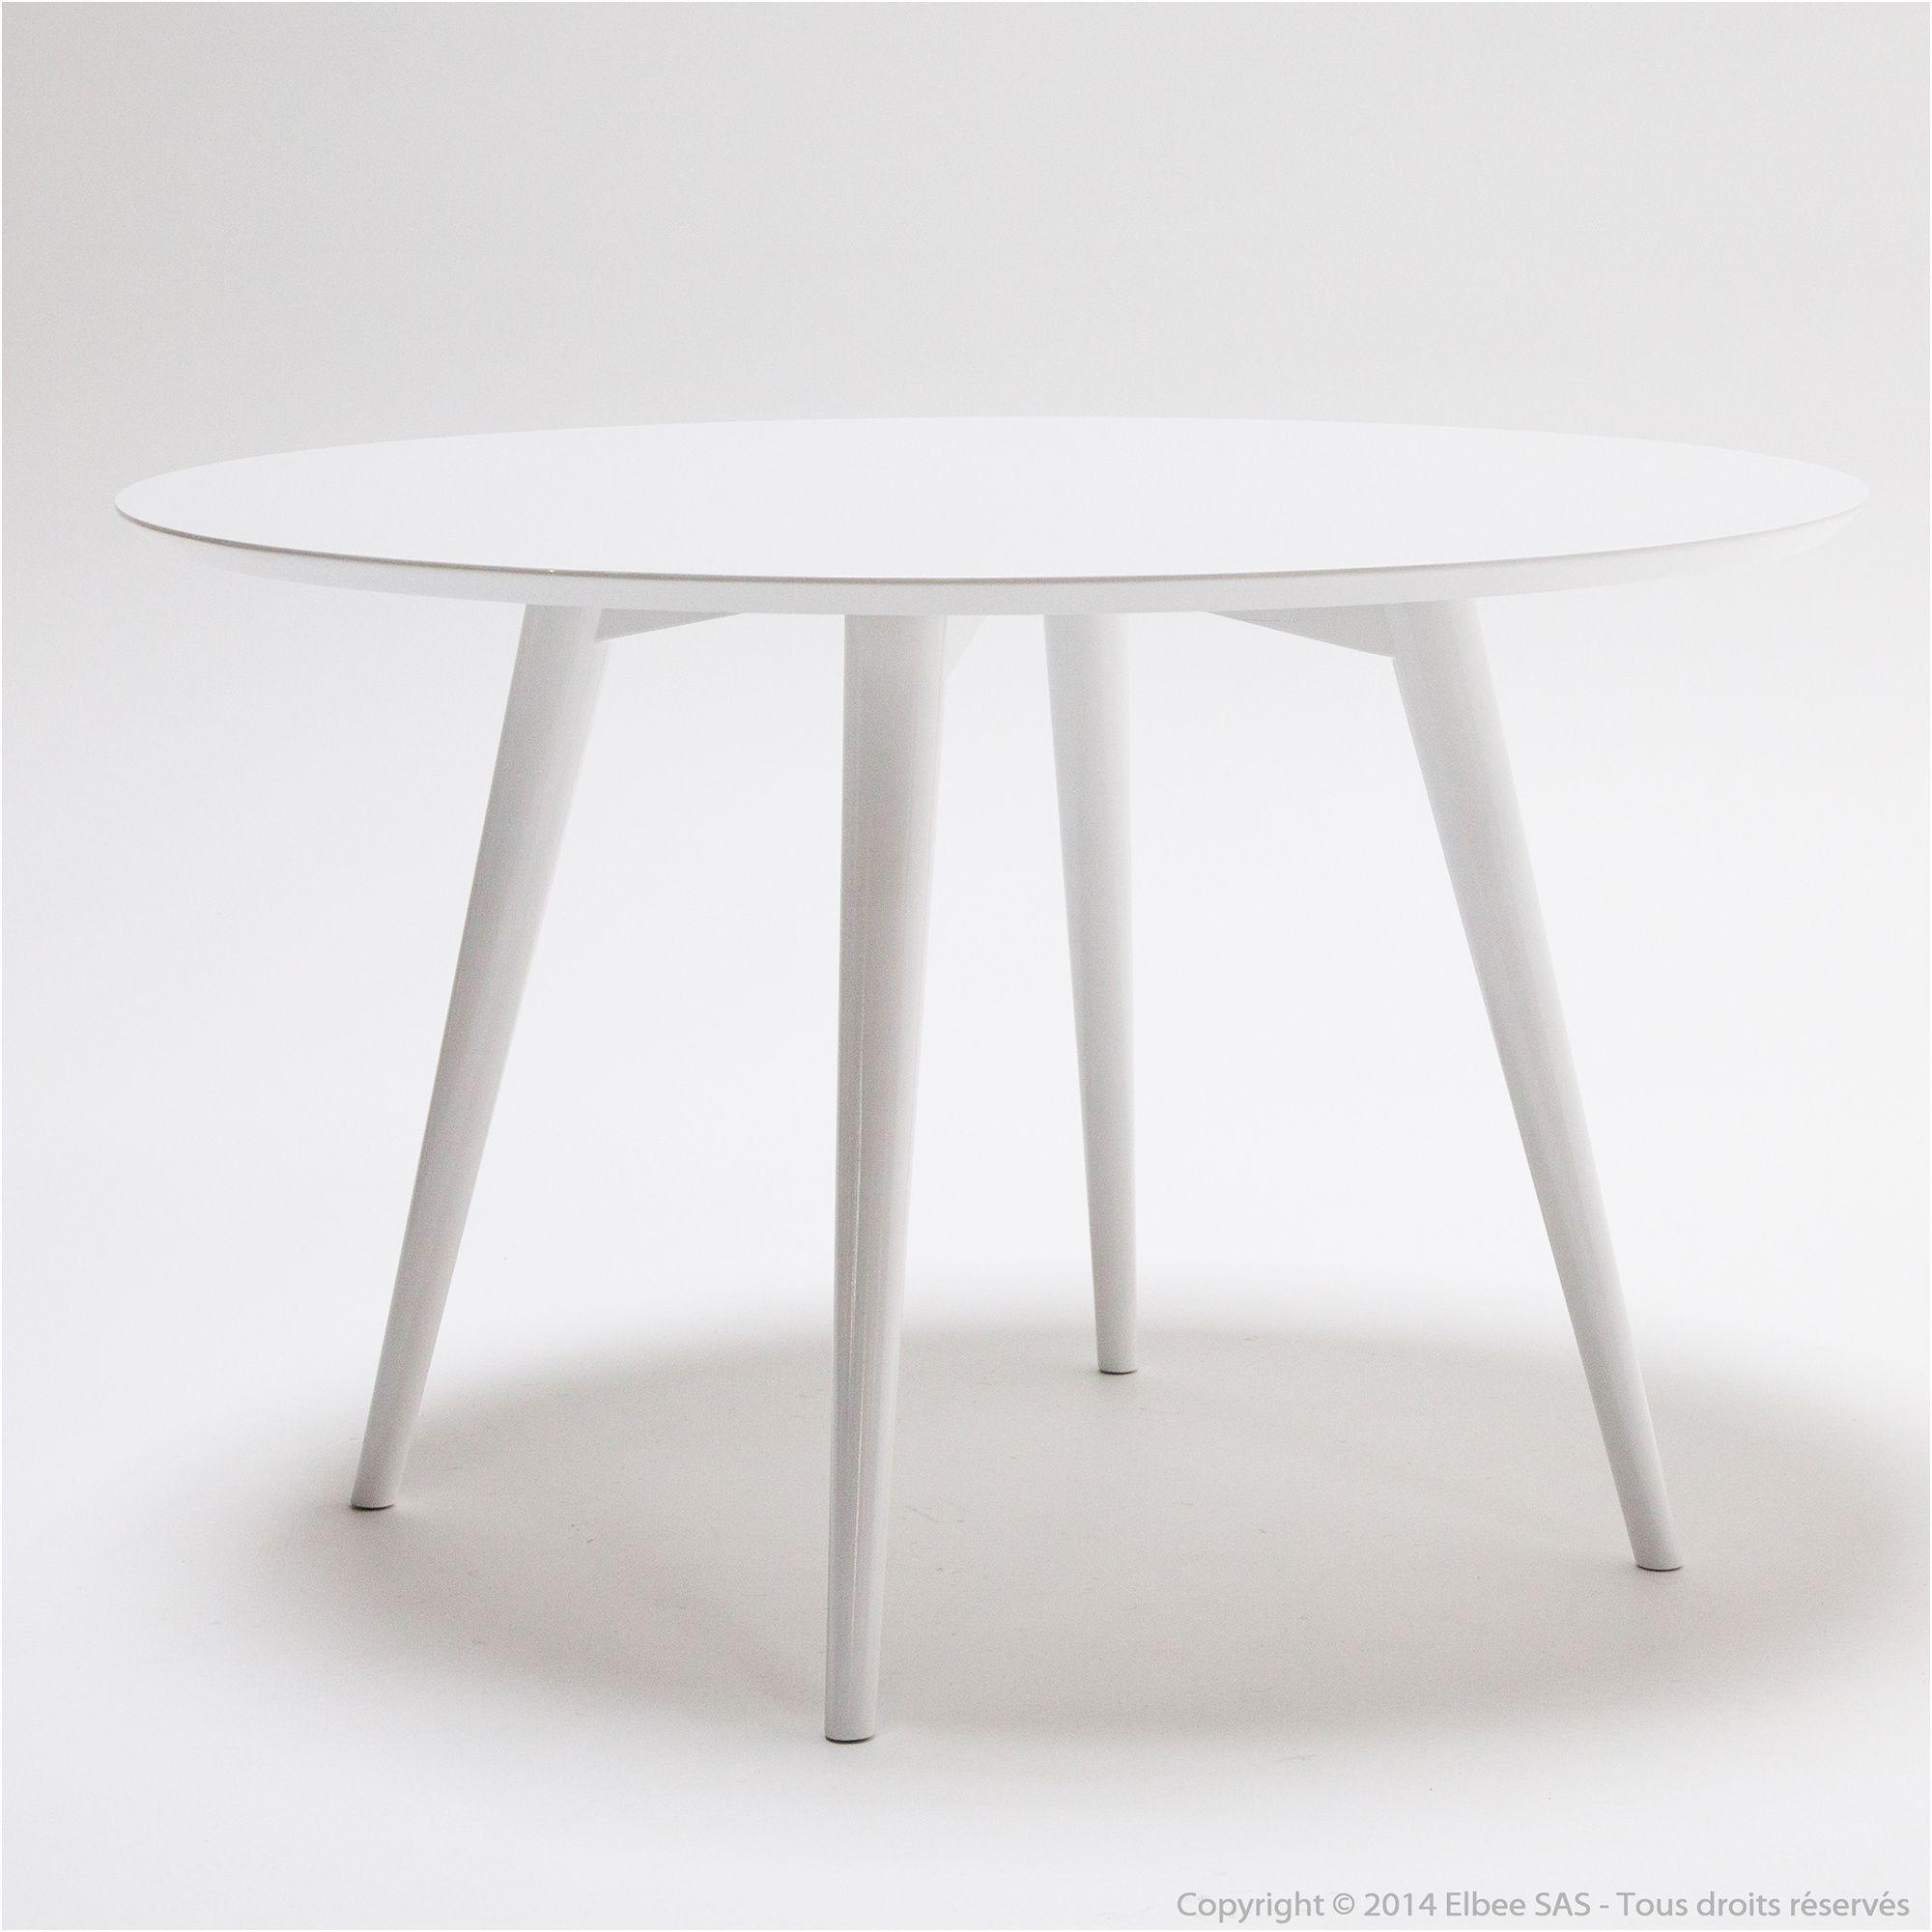 8 Authentique Table Ronde Blanche Avec Rallonge Collection